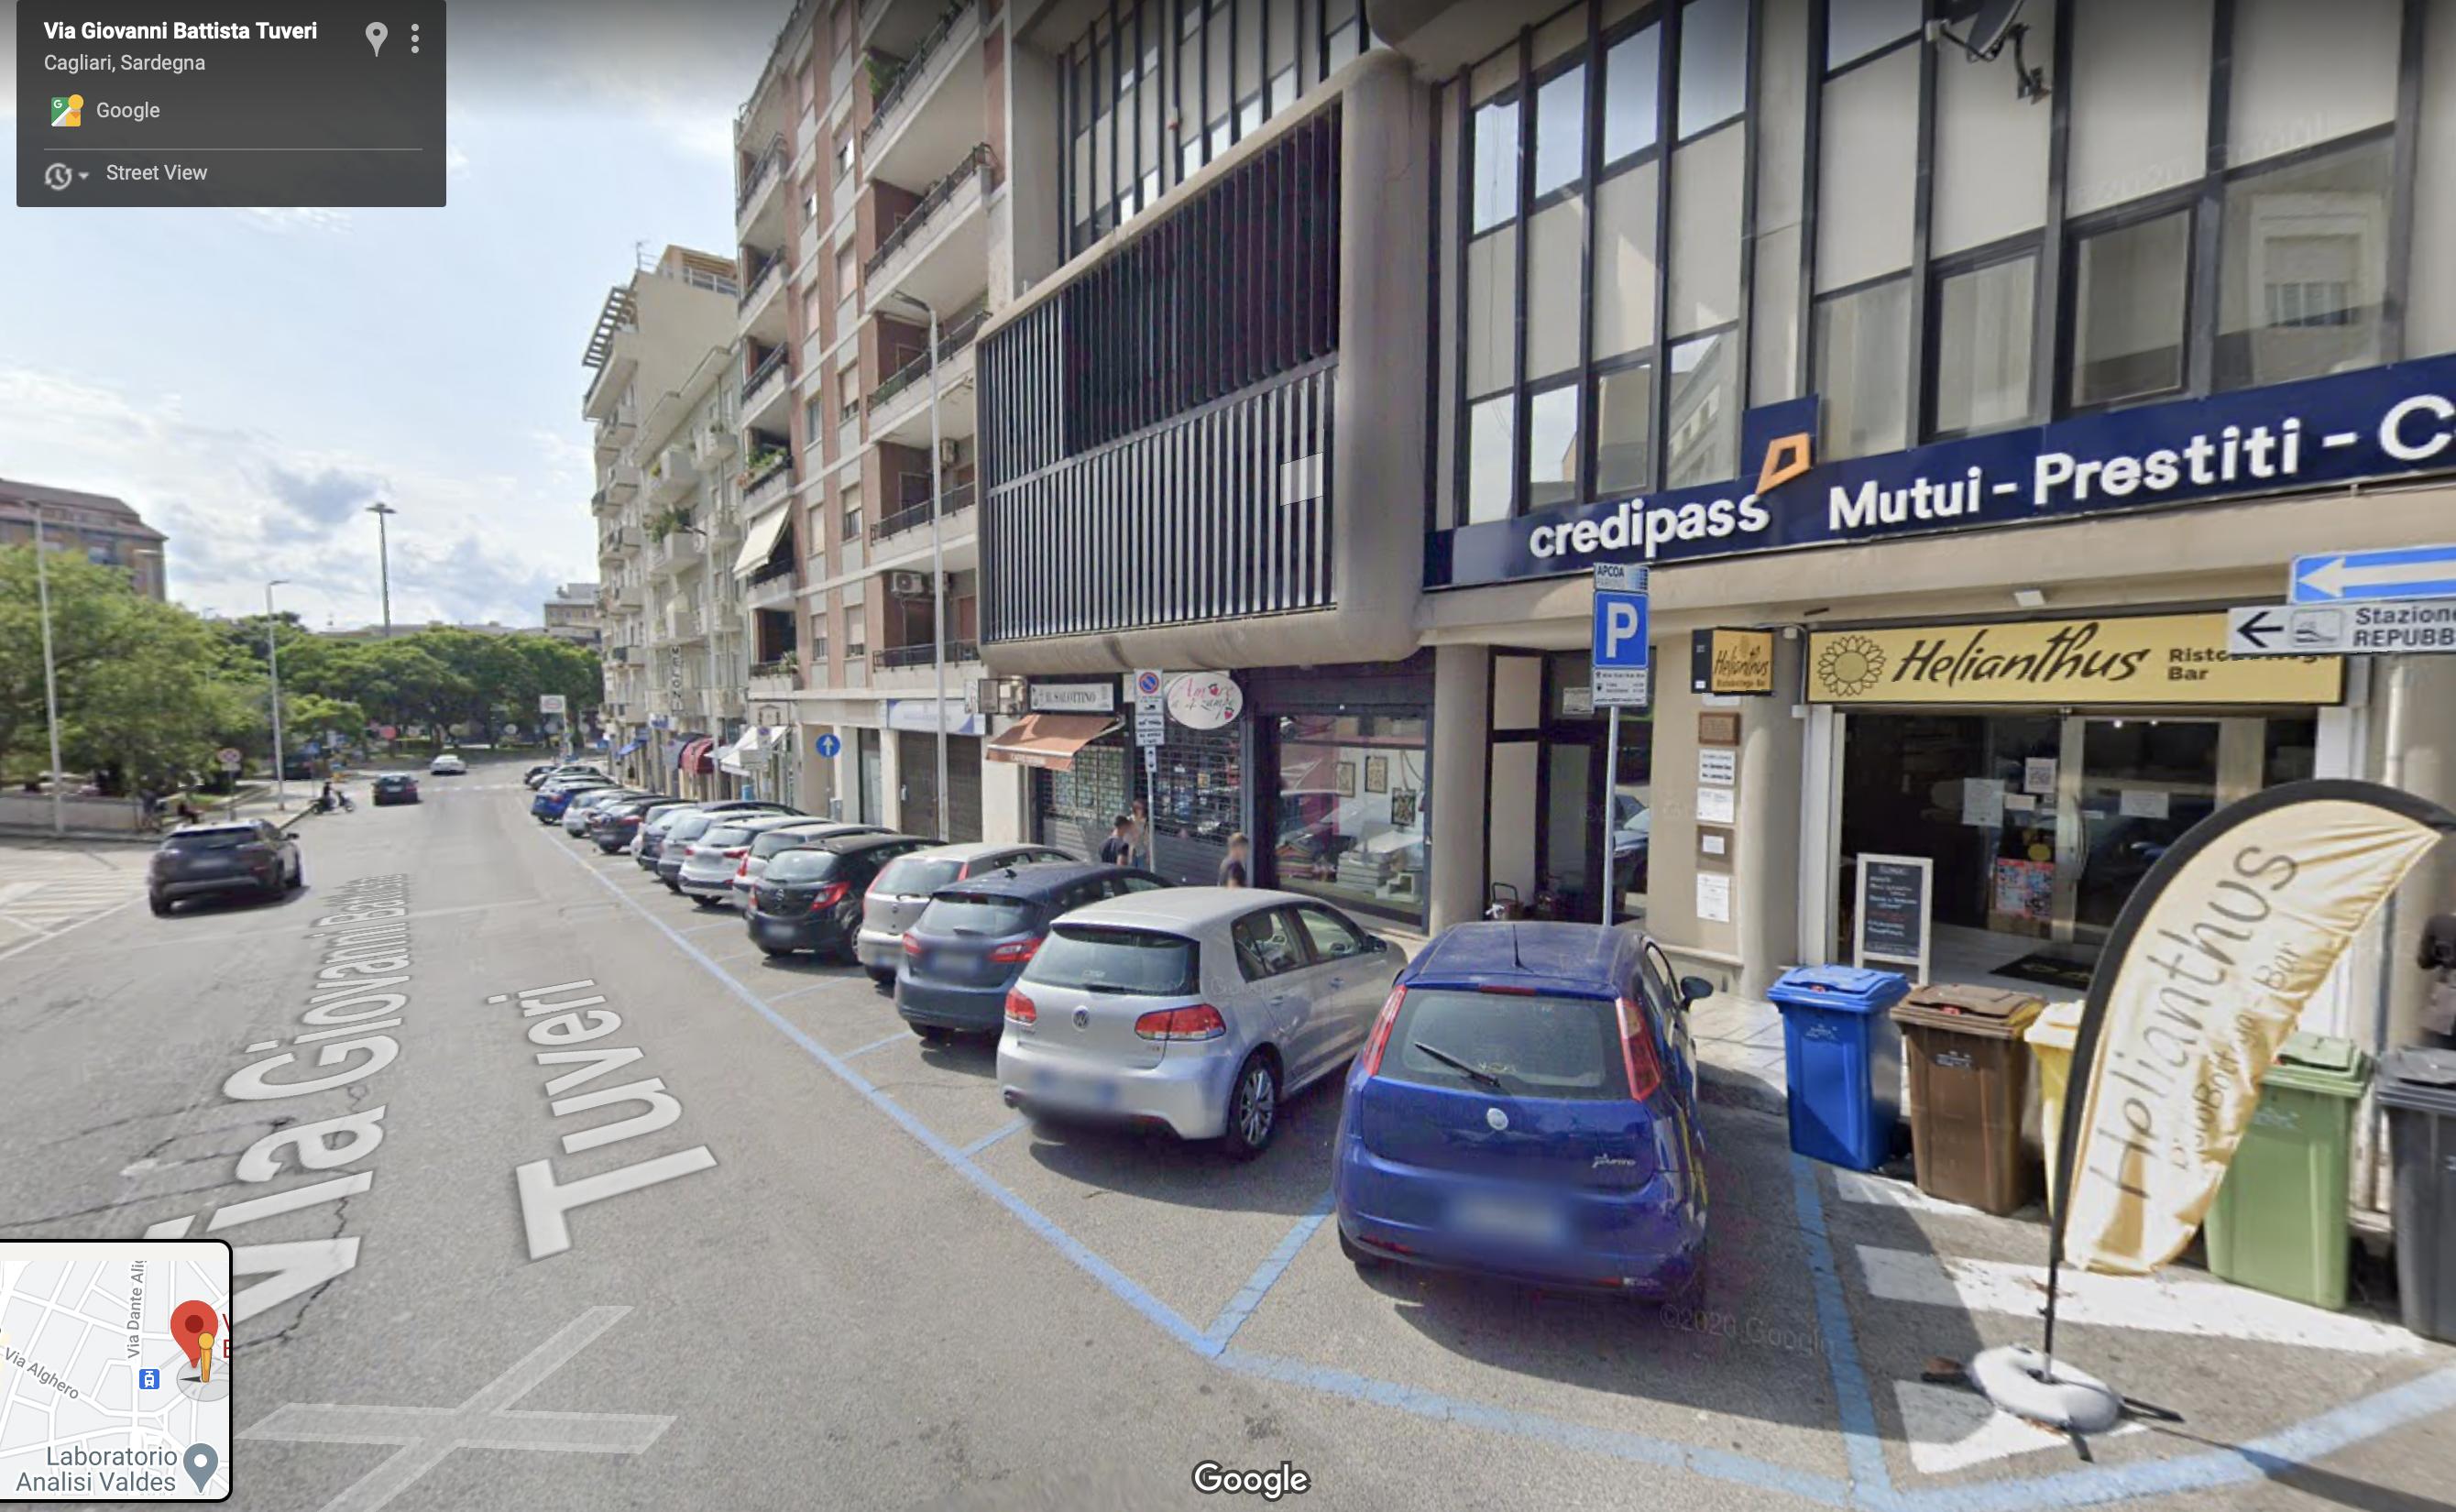 Posto Auto Coperto in via Tuveri a Cagliari – Fronte Tribunale